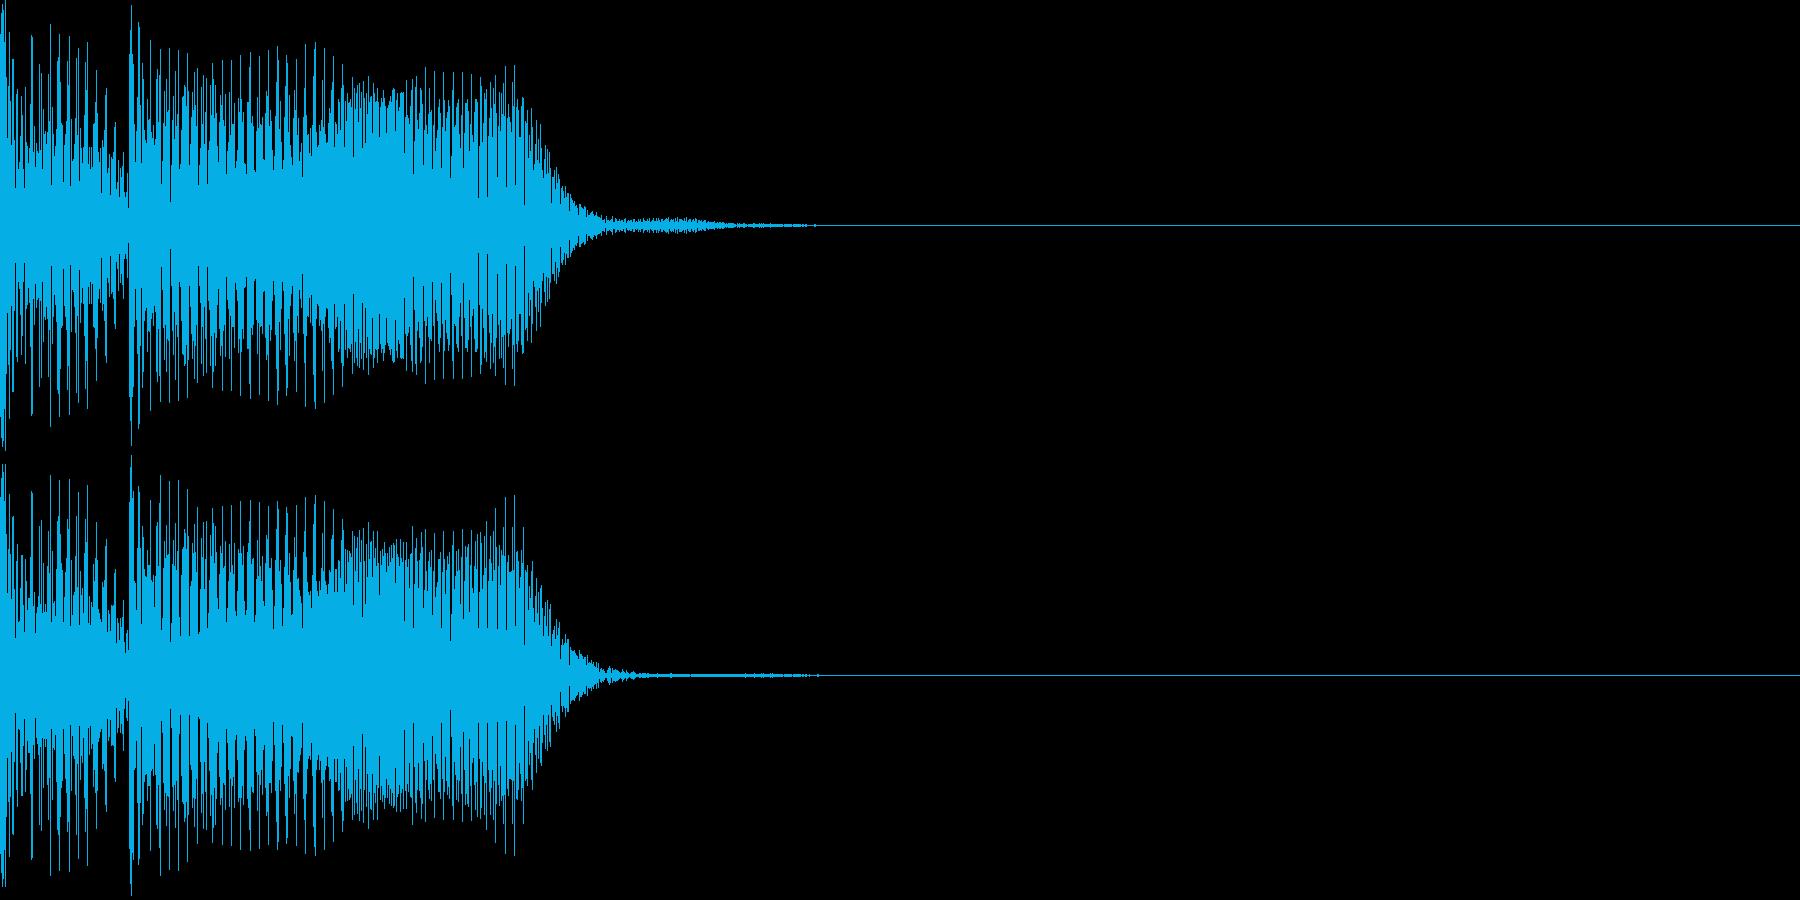 不正解音02の再生済みの波形